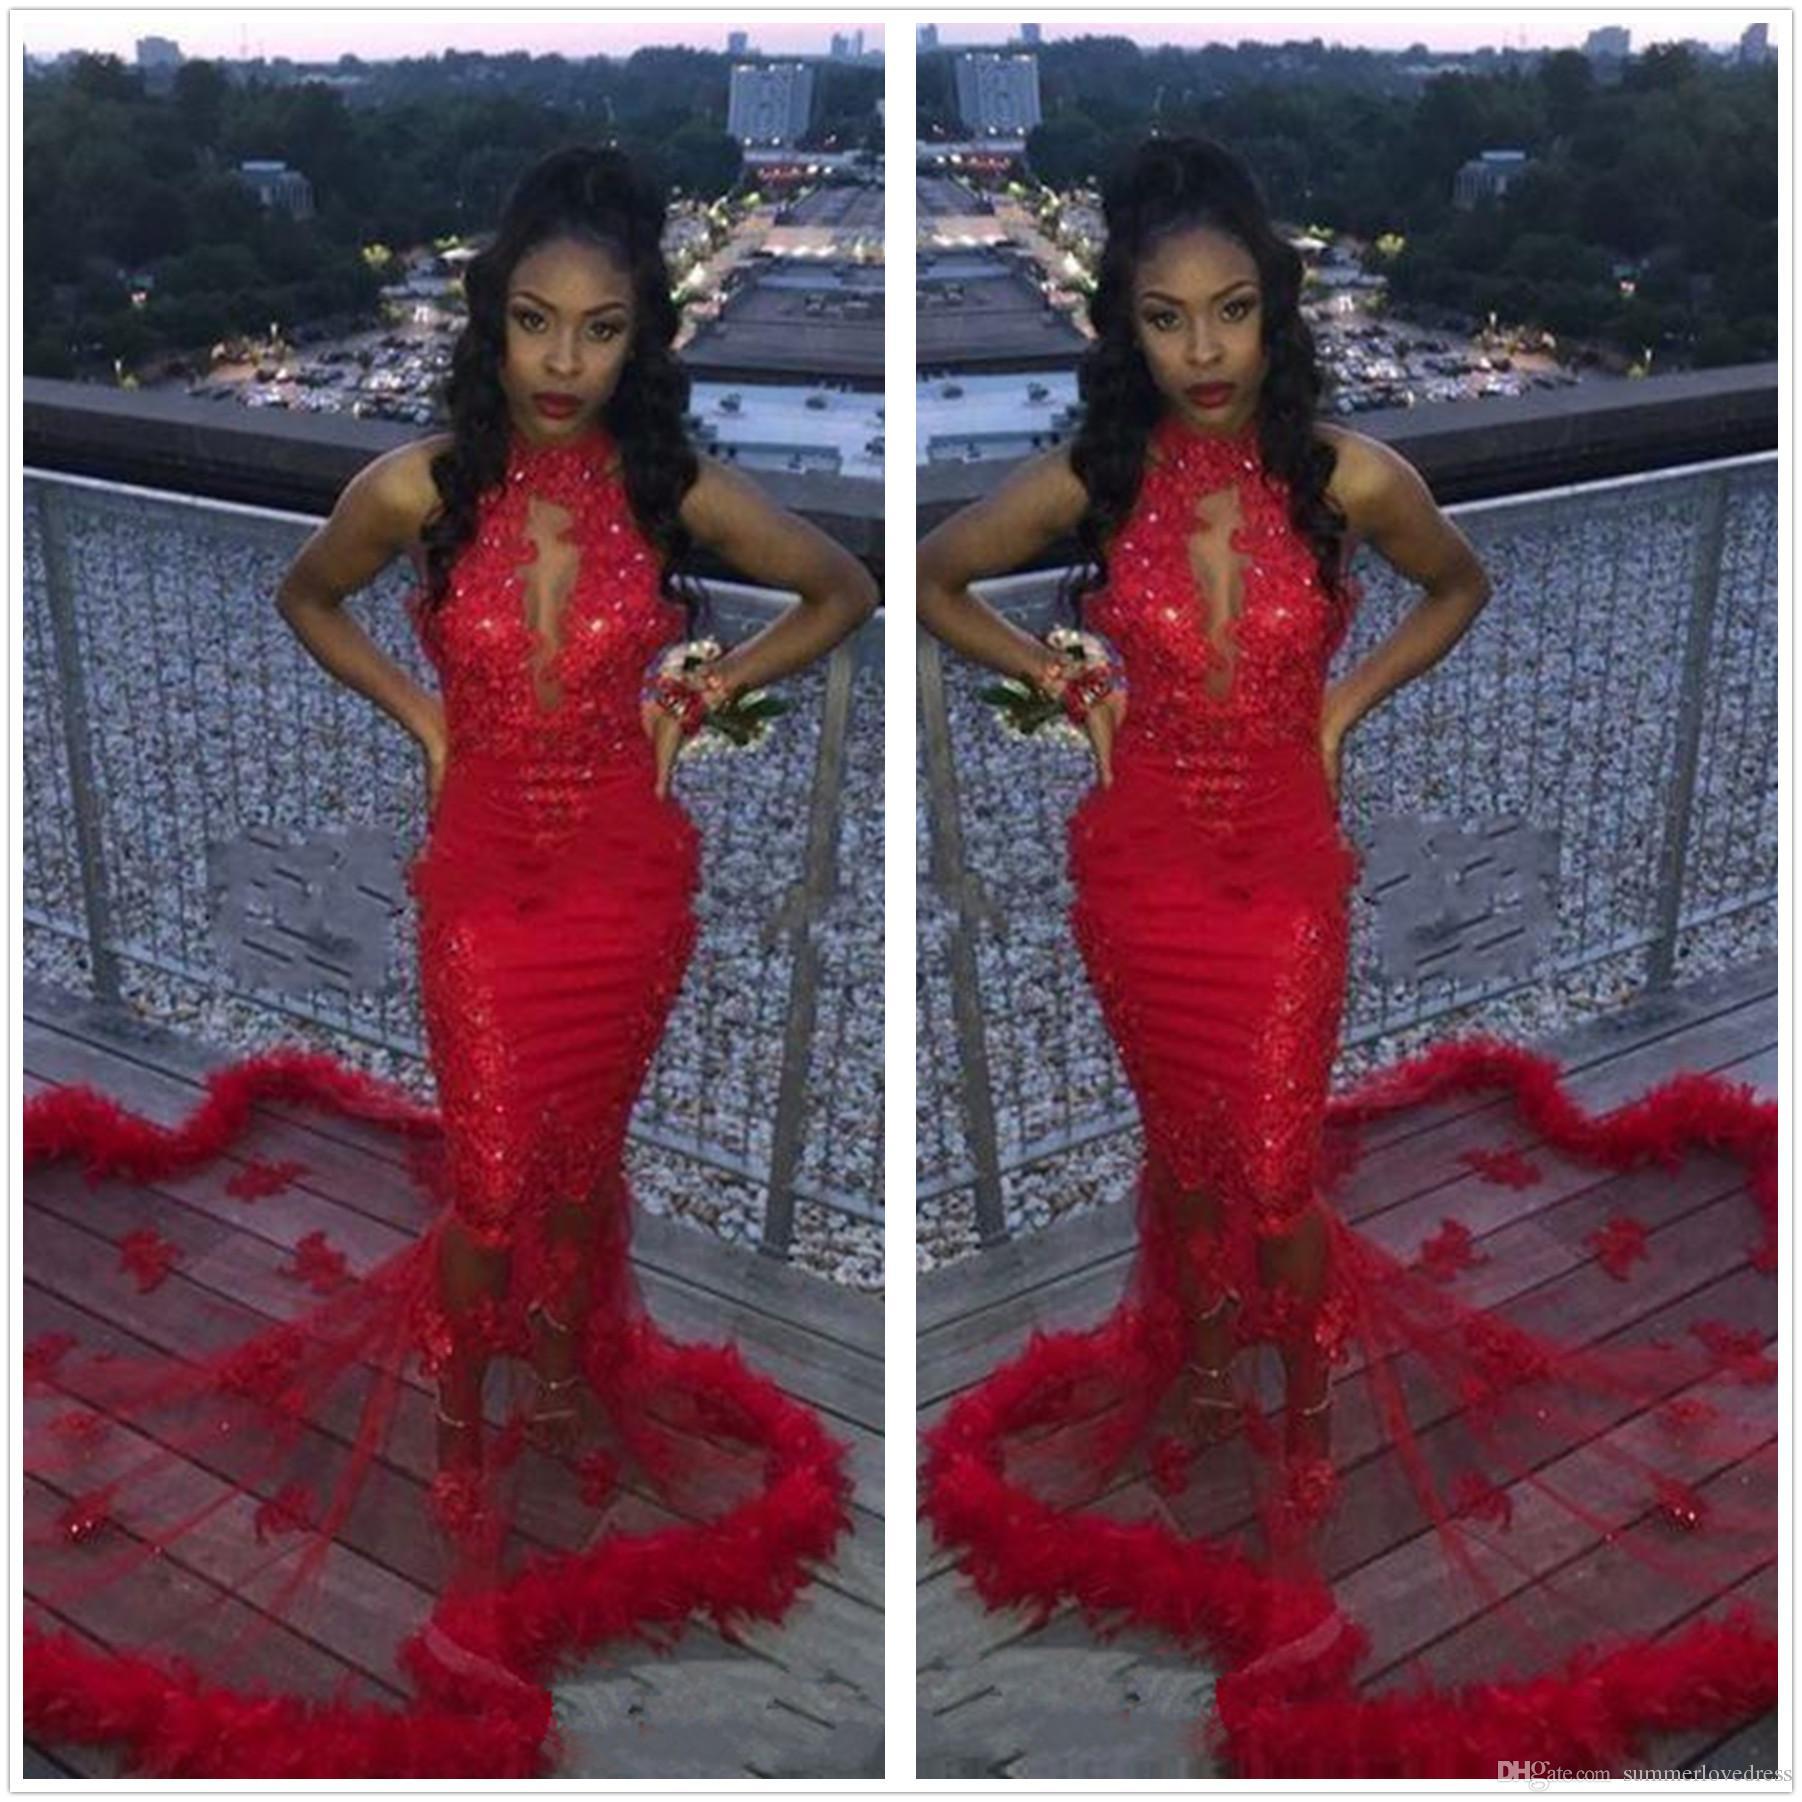 96c1a70dc Compre Rojo Africano 2K19 Sirena Vestidos De Baile De Plumas Con  Lentejuelas Sexy Sirena Vestido De Noche Conde Tren Ver A Través De Vestidos  De Fiesta De ...